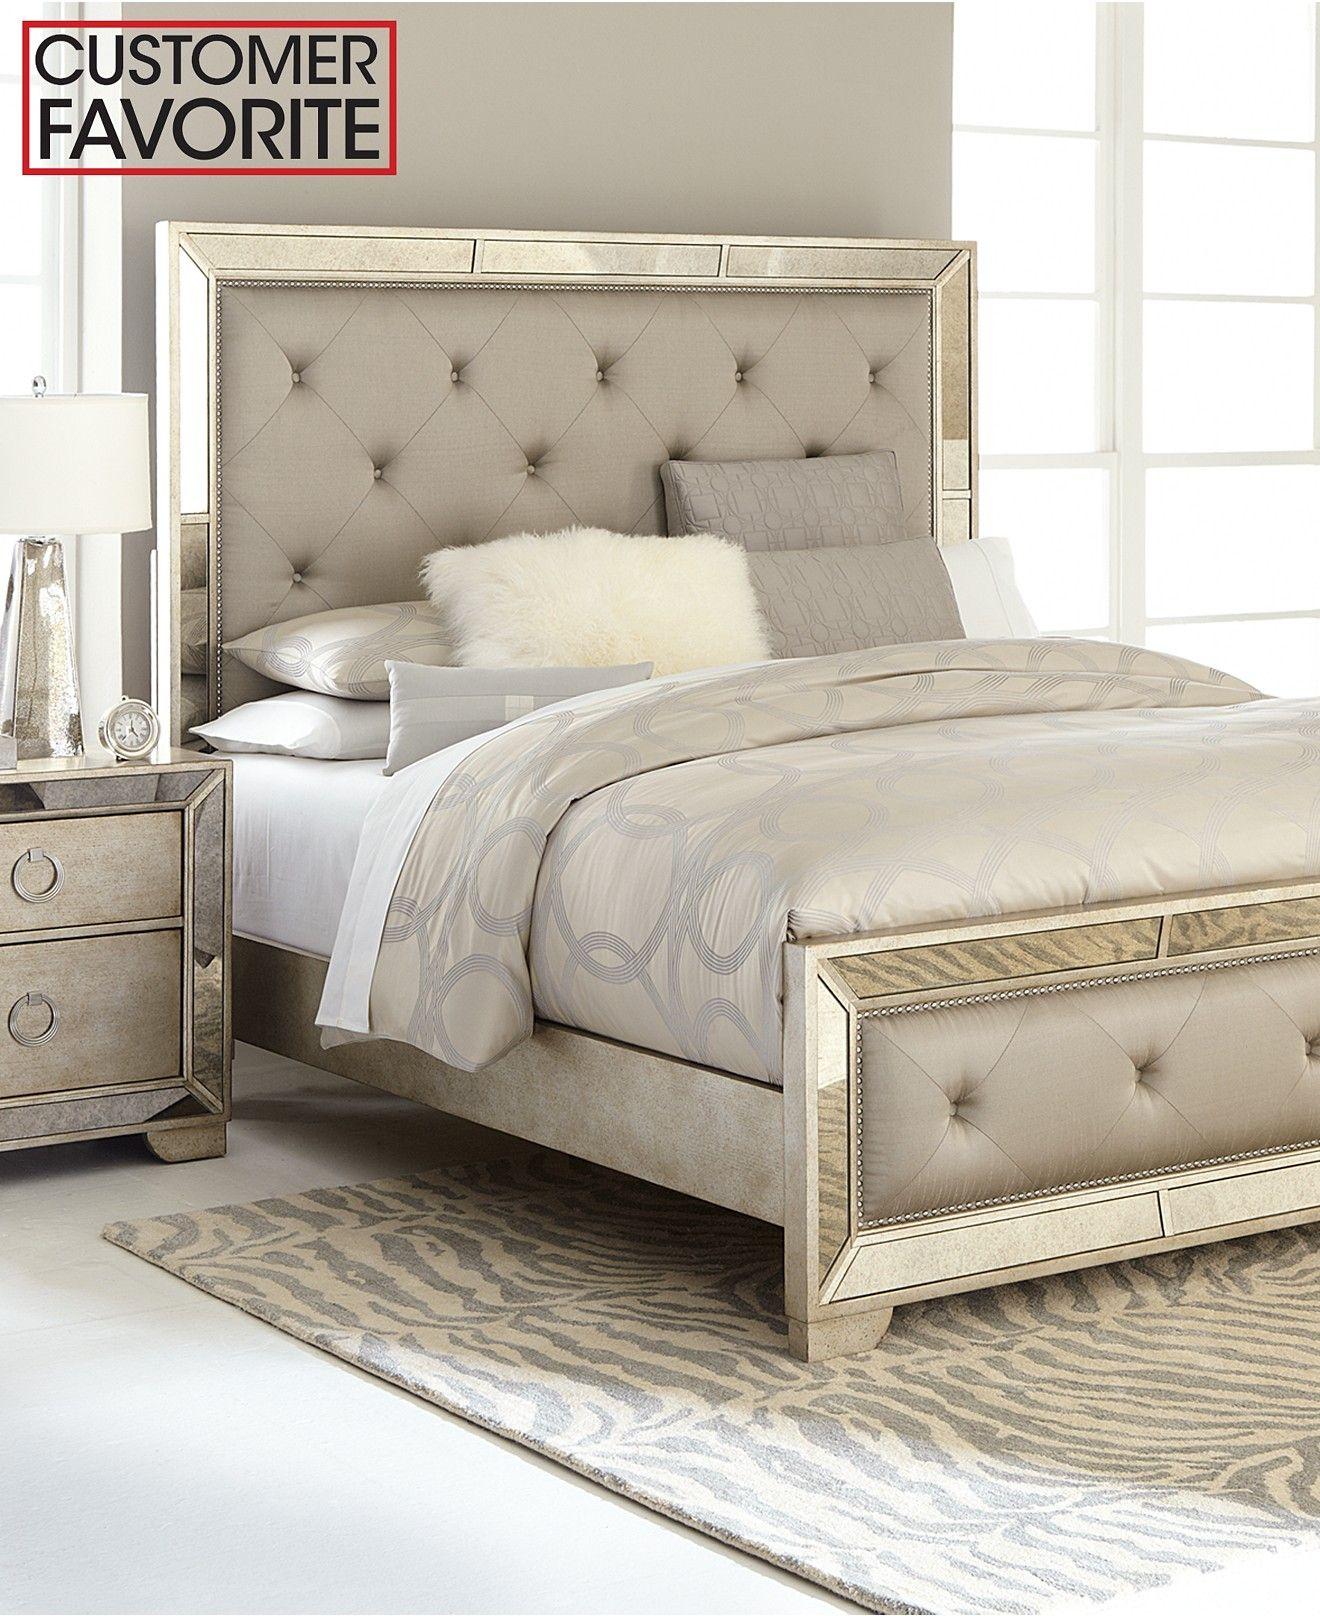 Ailey Queen 3-Pc. Bedroom Set (Bed, Nightstand & Dresser ...